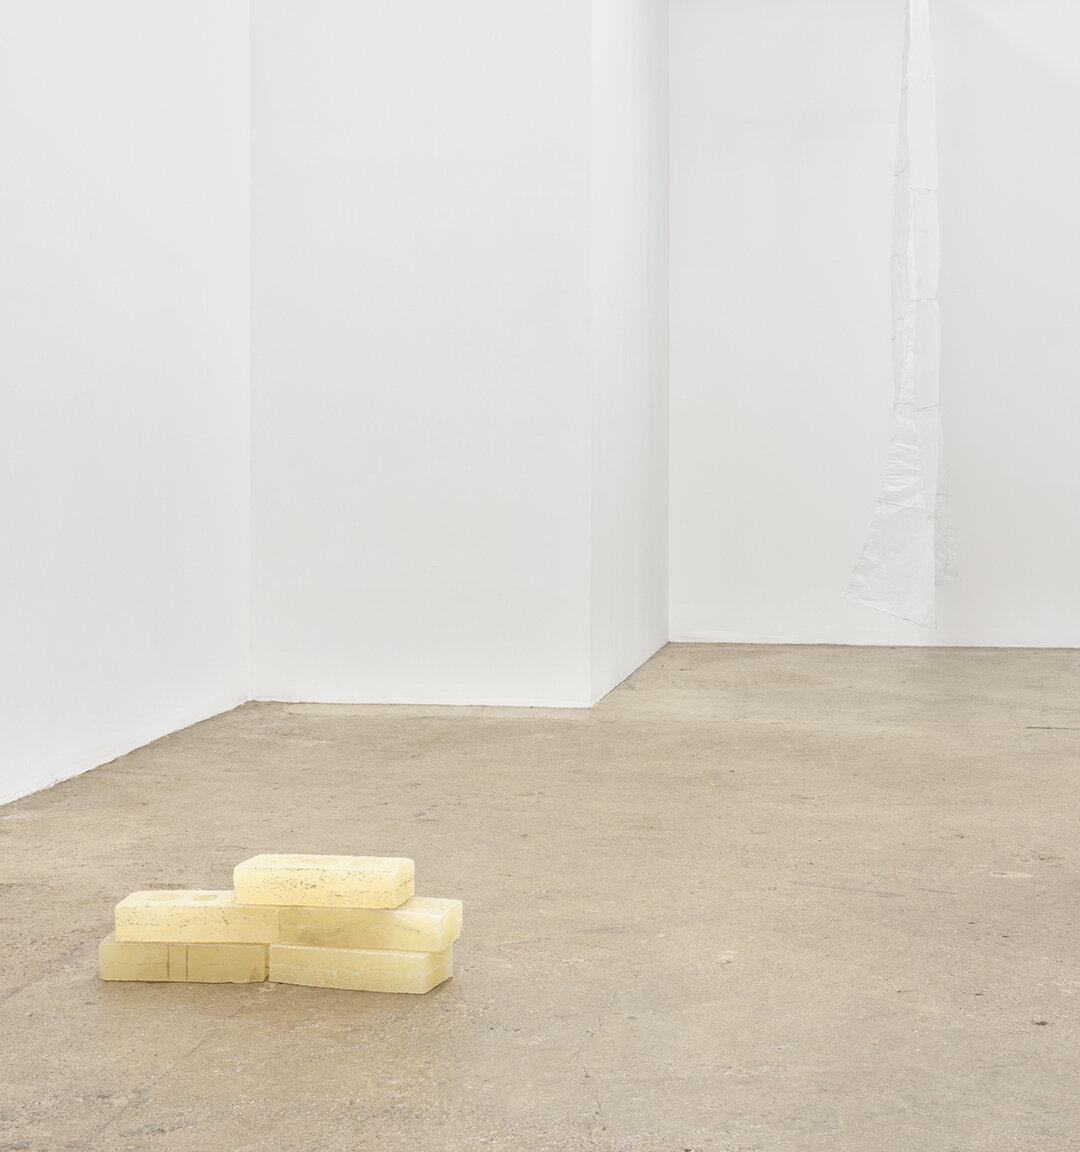 Sean Donovan Bricks , 2021 cast urethane resin 2 1/4 x 3 3/4 x 8 inches (6 x 10 x 20 cm) each SD57 – SD61